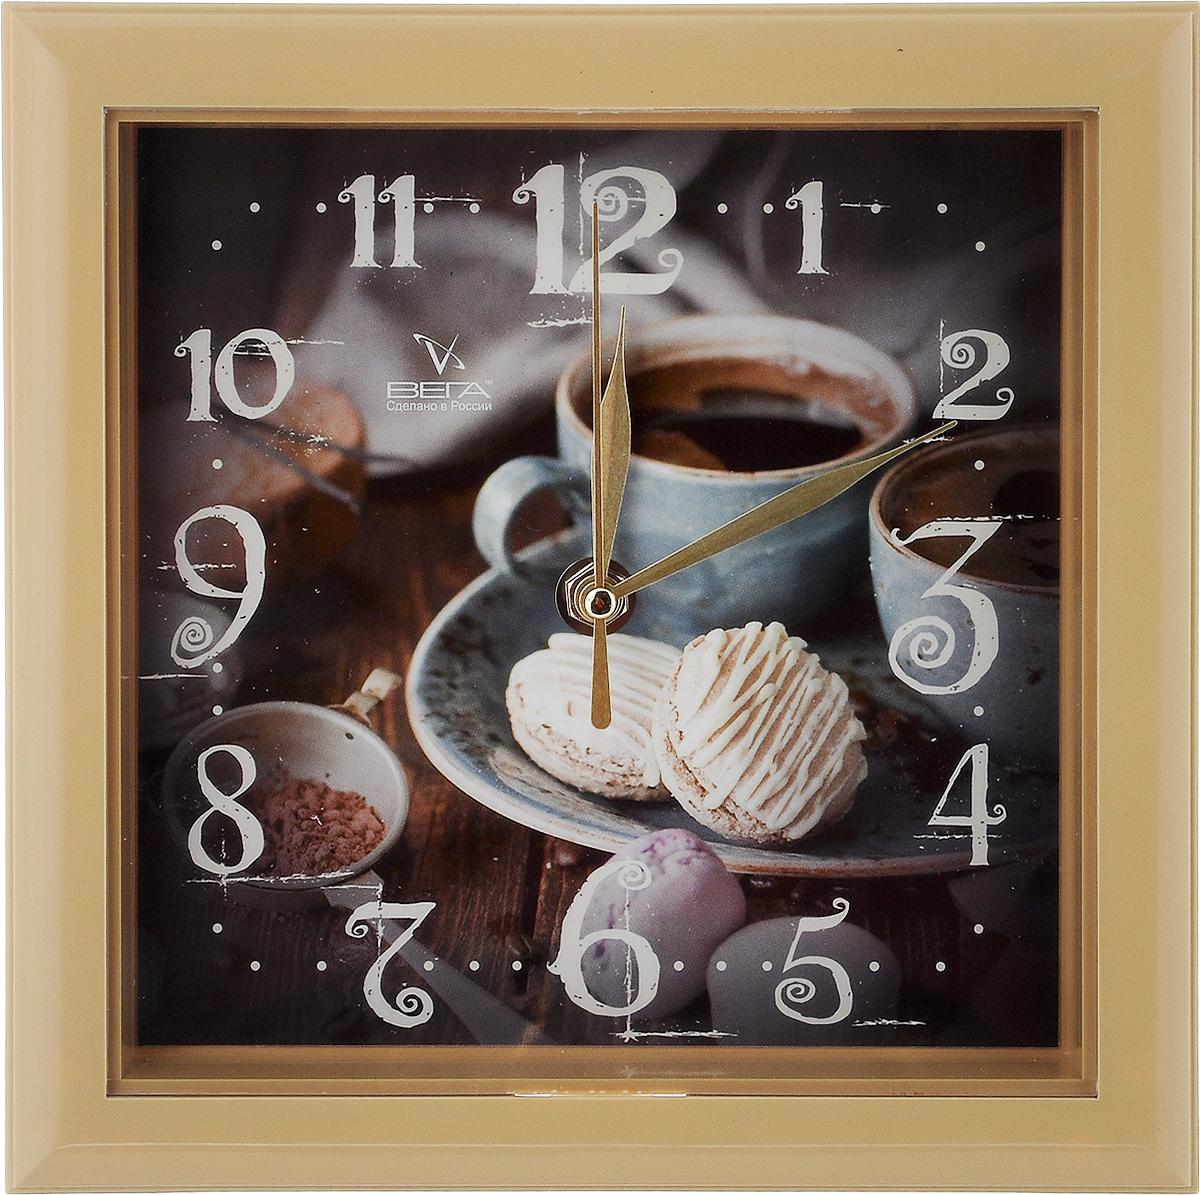 Часы настенные Вега Чашка кофе, 20,6 х 20,6 см94672Настенные кварцевые часы Вега Чашка кофе, изготовленные из пластика, прекрасно впишутся в интерьер вашего дома. Часы имеют три стрелки: часовую, минутную и секундную, циферблат защищен прозрачным пластиком. Часы работают от 1 батарейки типа АА напряжением 1,5 В (не входит в комплект).Прилагается инструкция по эксплуатации.